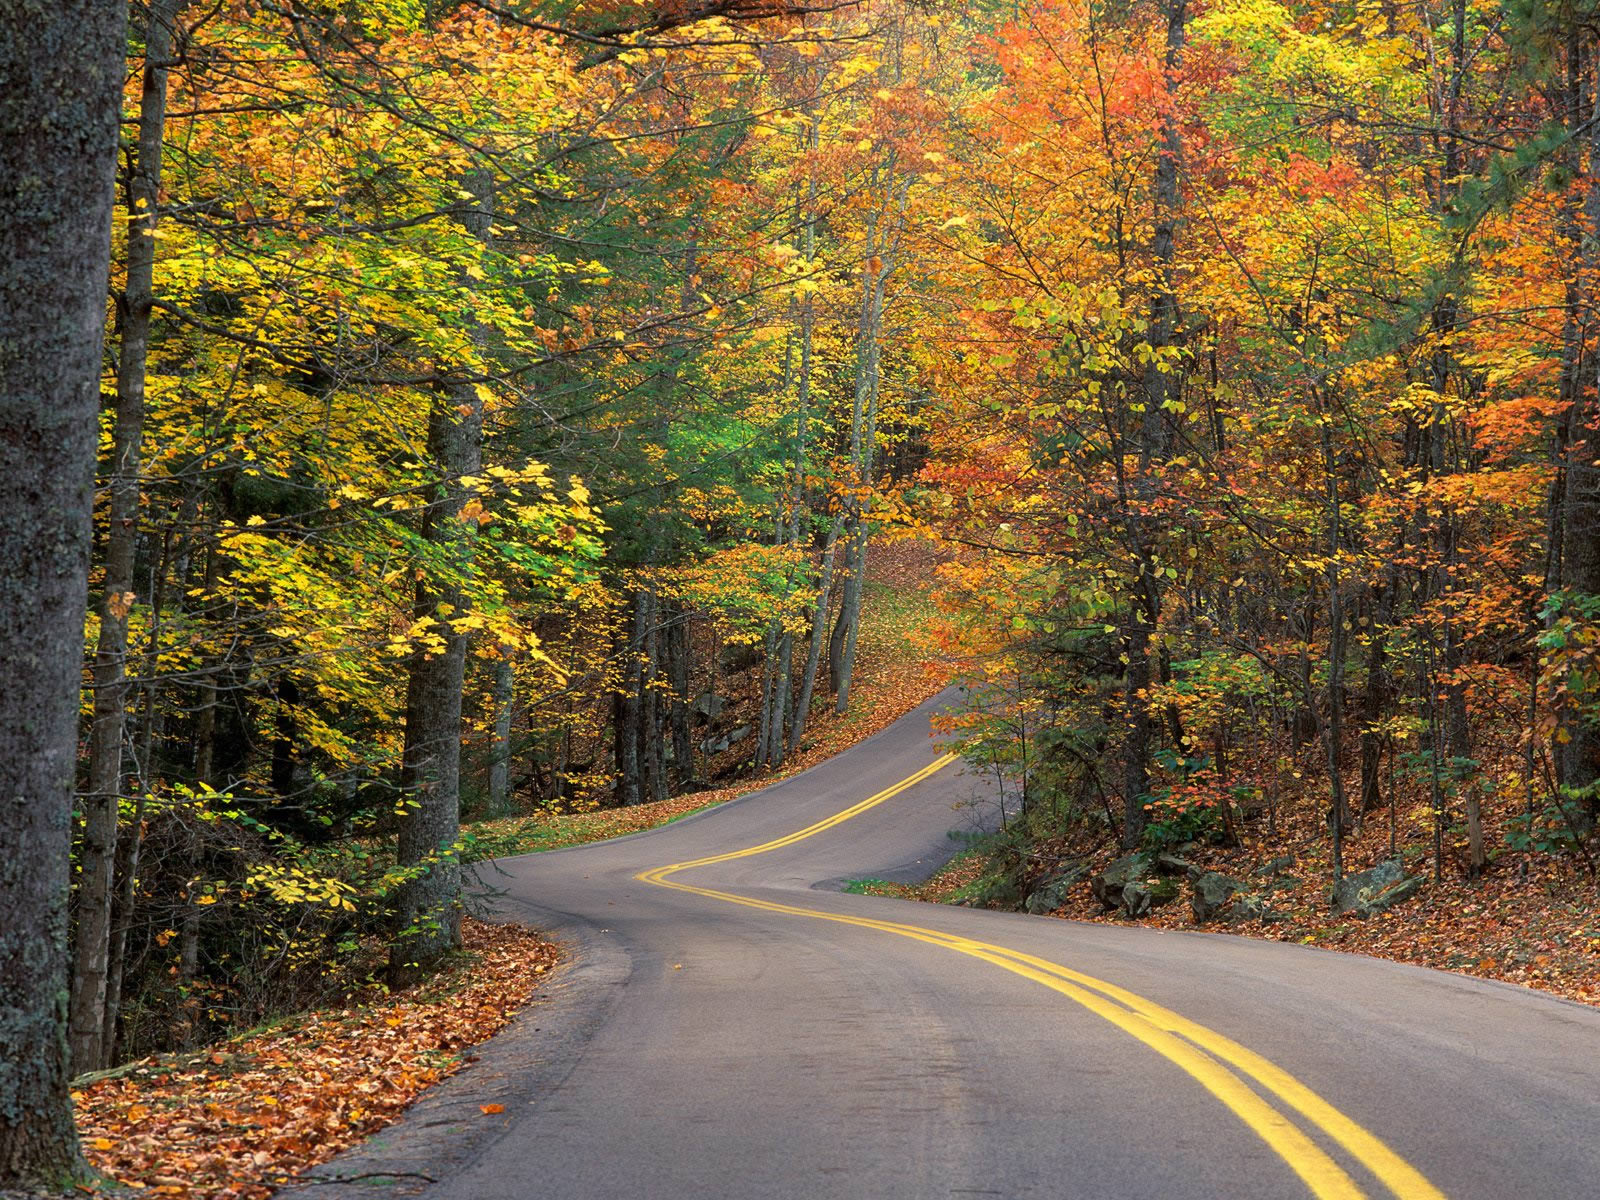 http://3.bp.blogspot.com/-D5fbTqQHoHo/T9qveo8_GnI/AAAAAAAAA28/9kl-isr4UeI/s1600/Autumn-Wallpaper-11.jpg